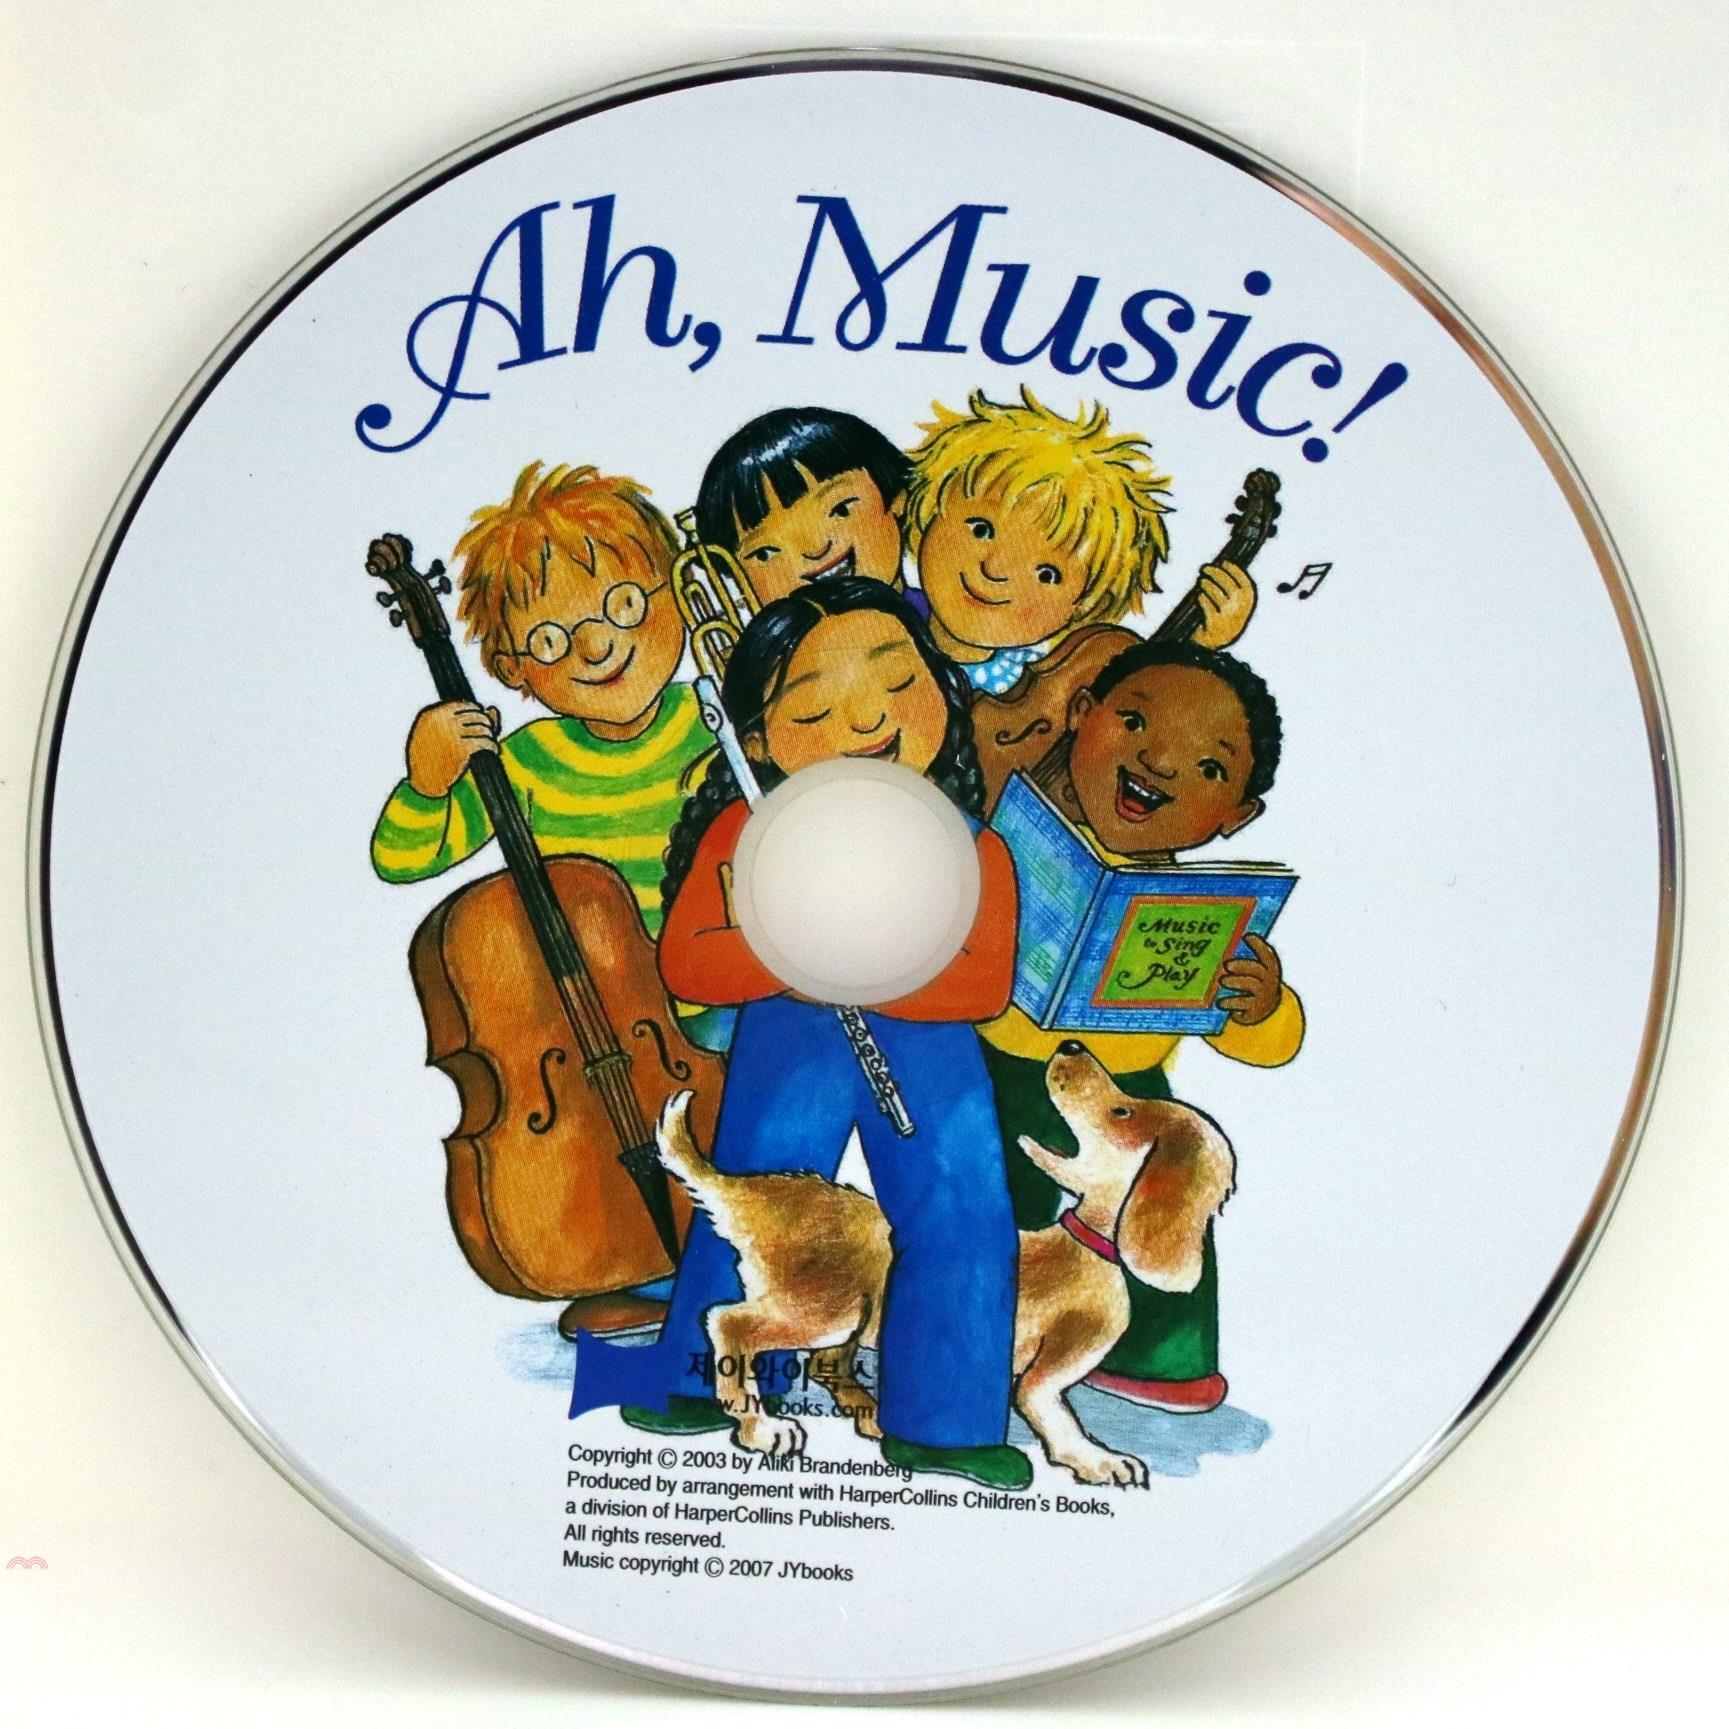 書名:Ah, Music! (1CD only)(韓國JY Books版) 廖彩杏老師推薦有聲書第2年第30週定價:175元ISBN13:9788954905725出版社:JY Books Kr作者: